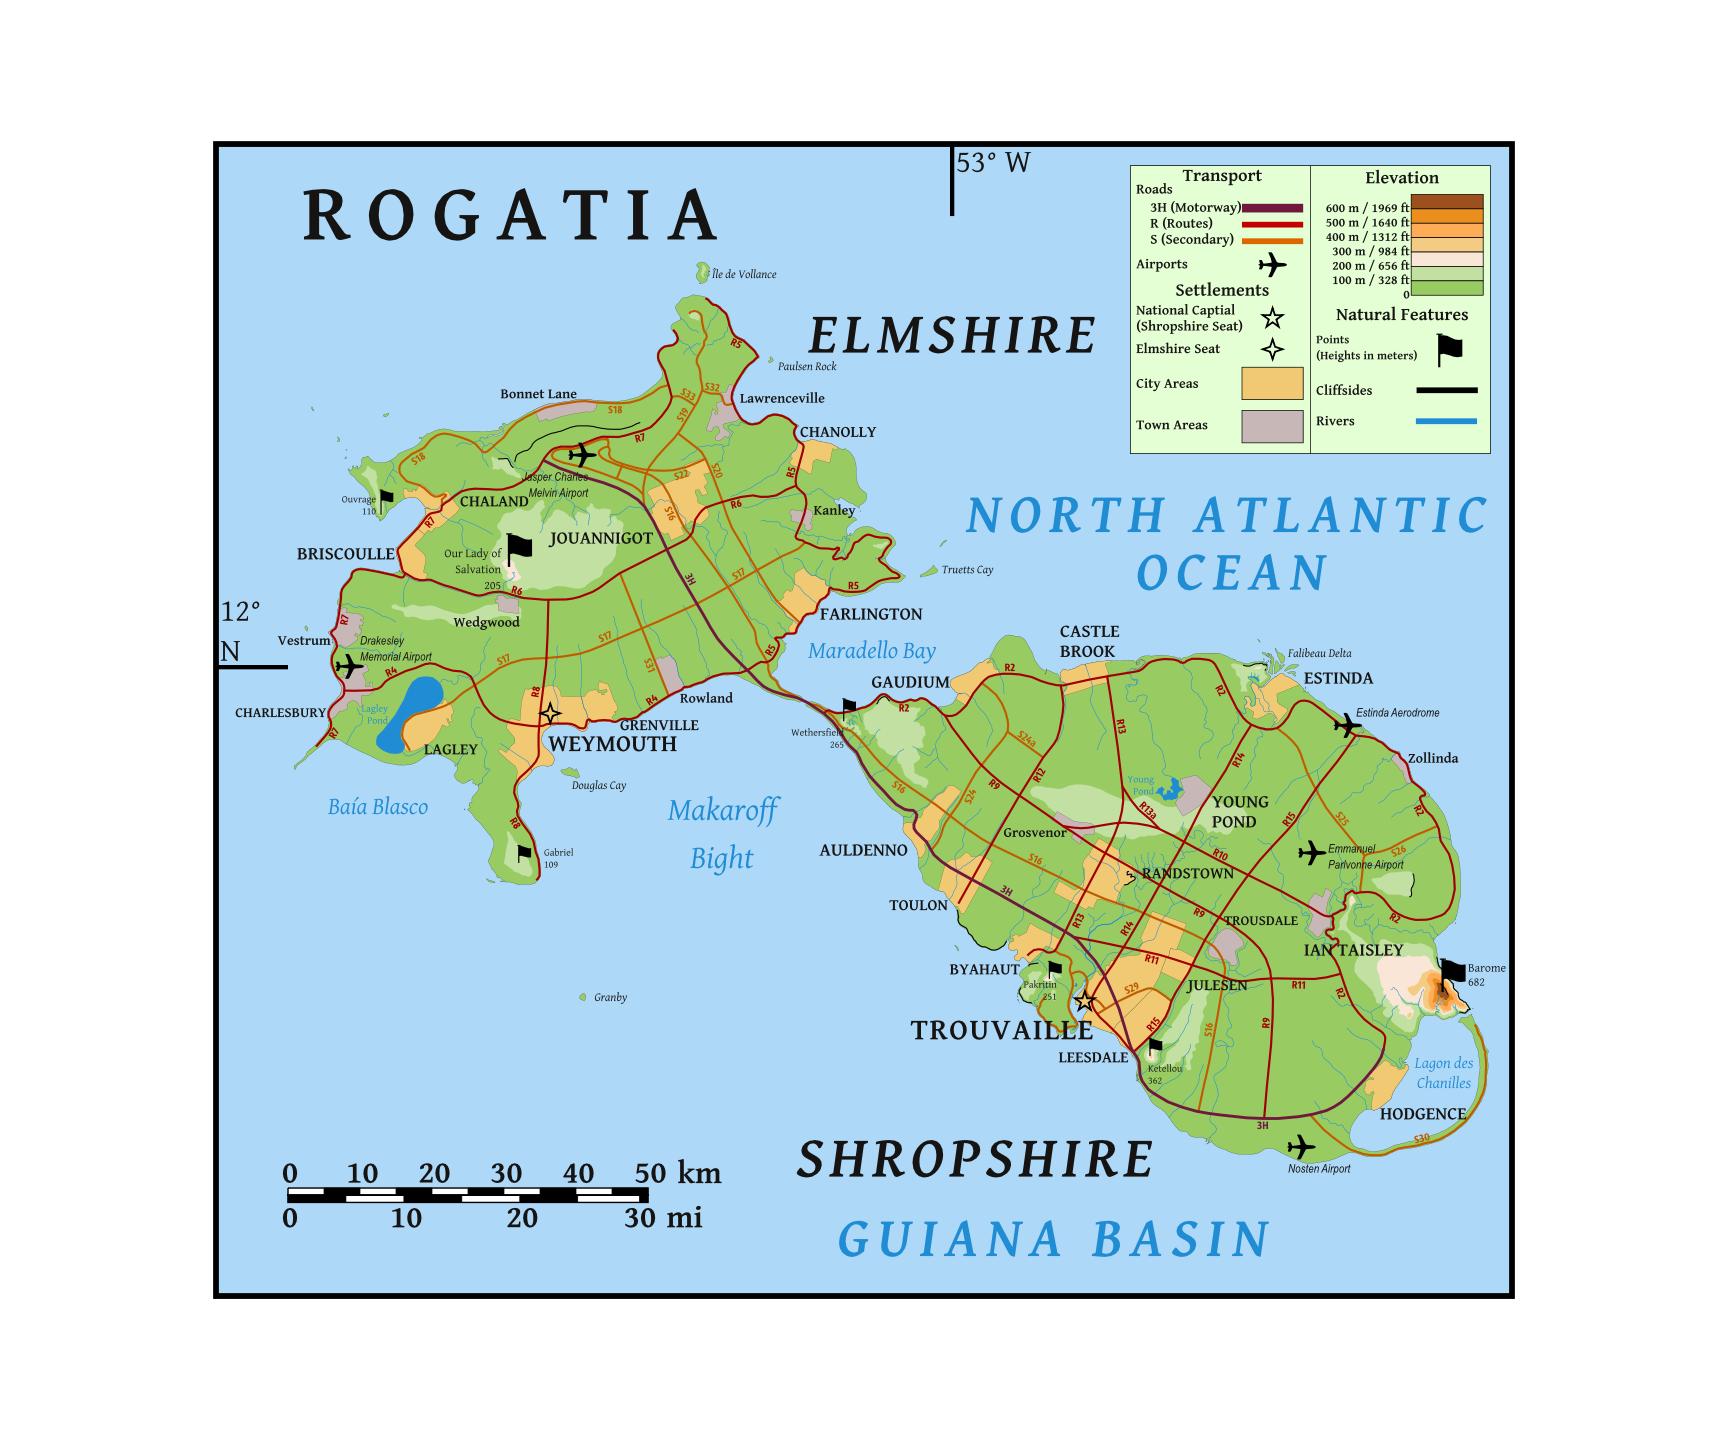 Rogatia: A Drop in the Ocean by dcjc